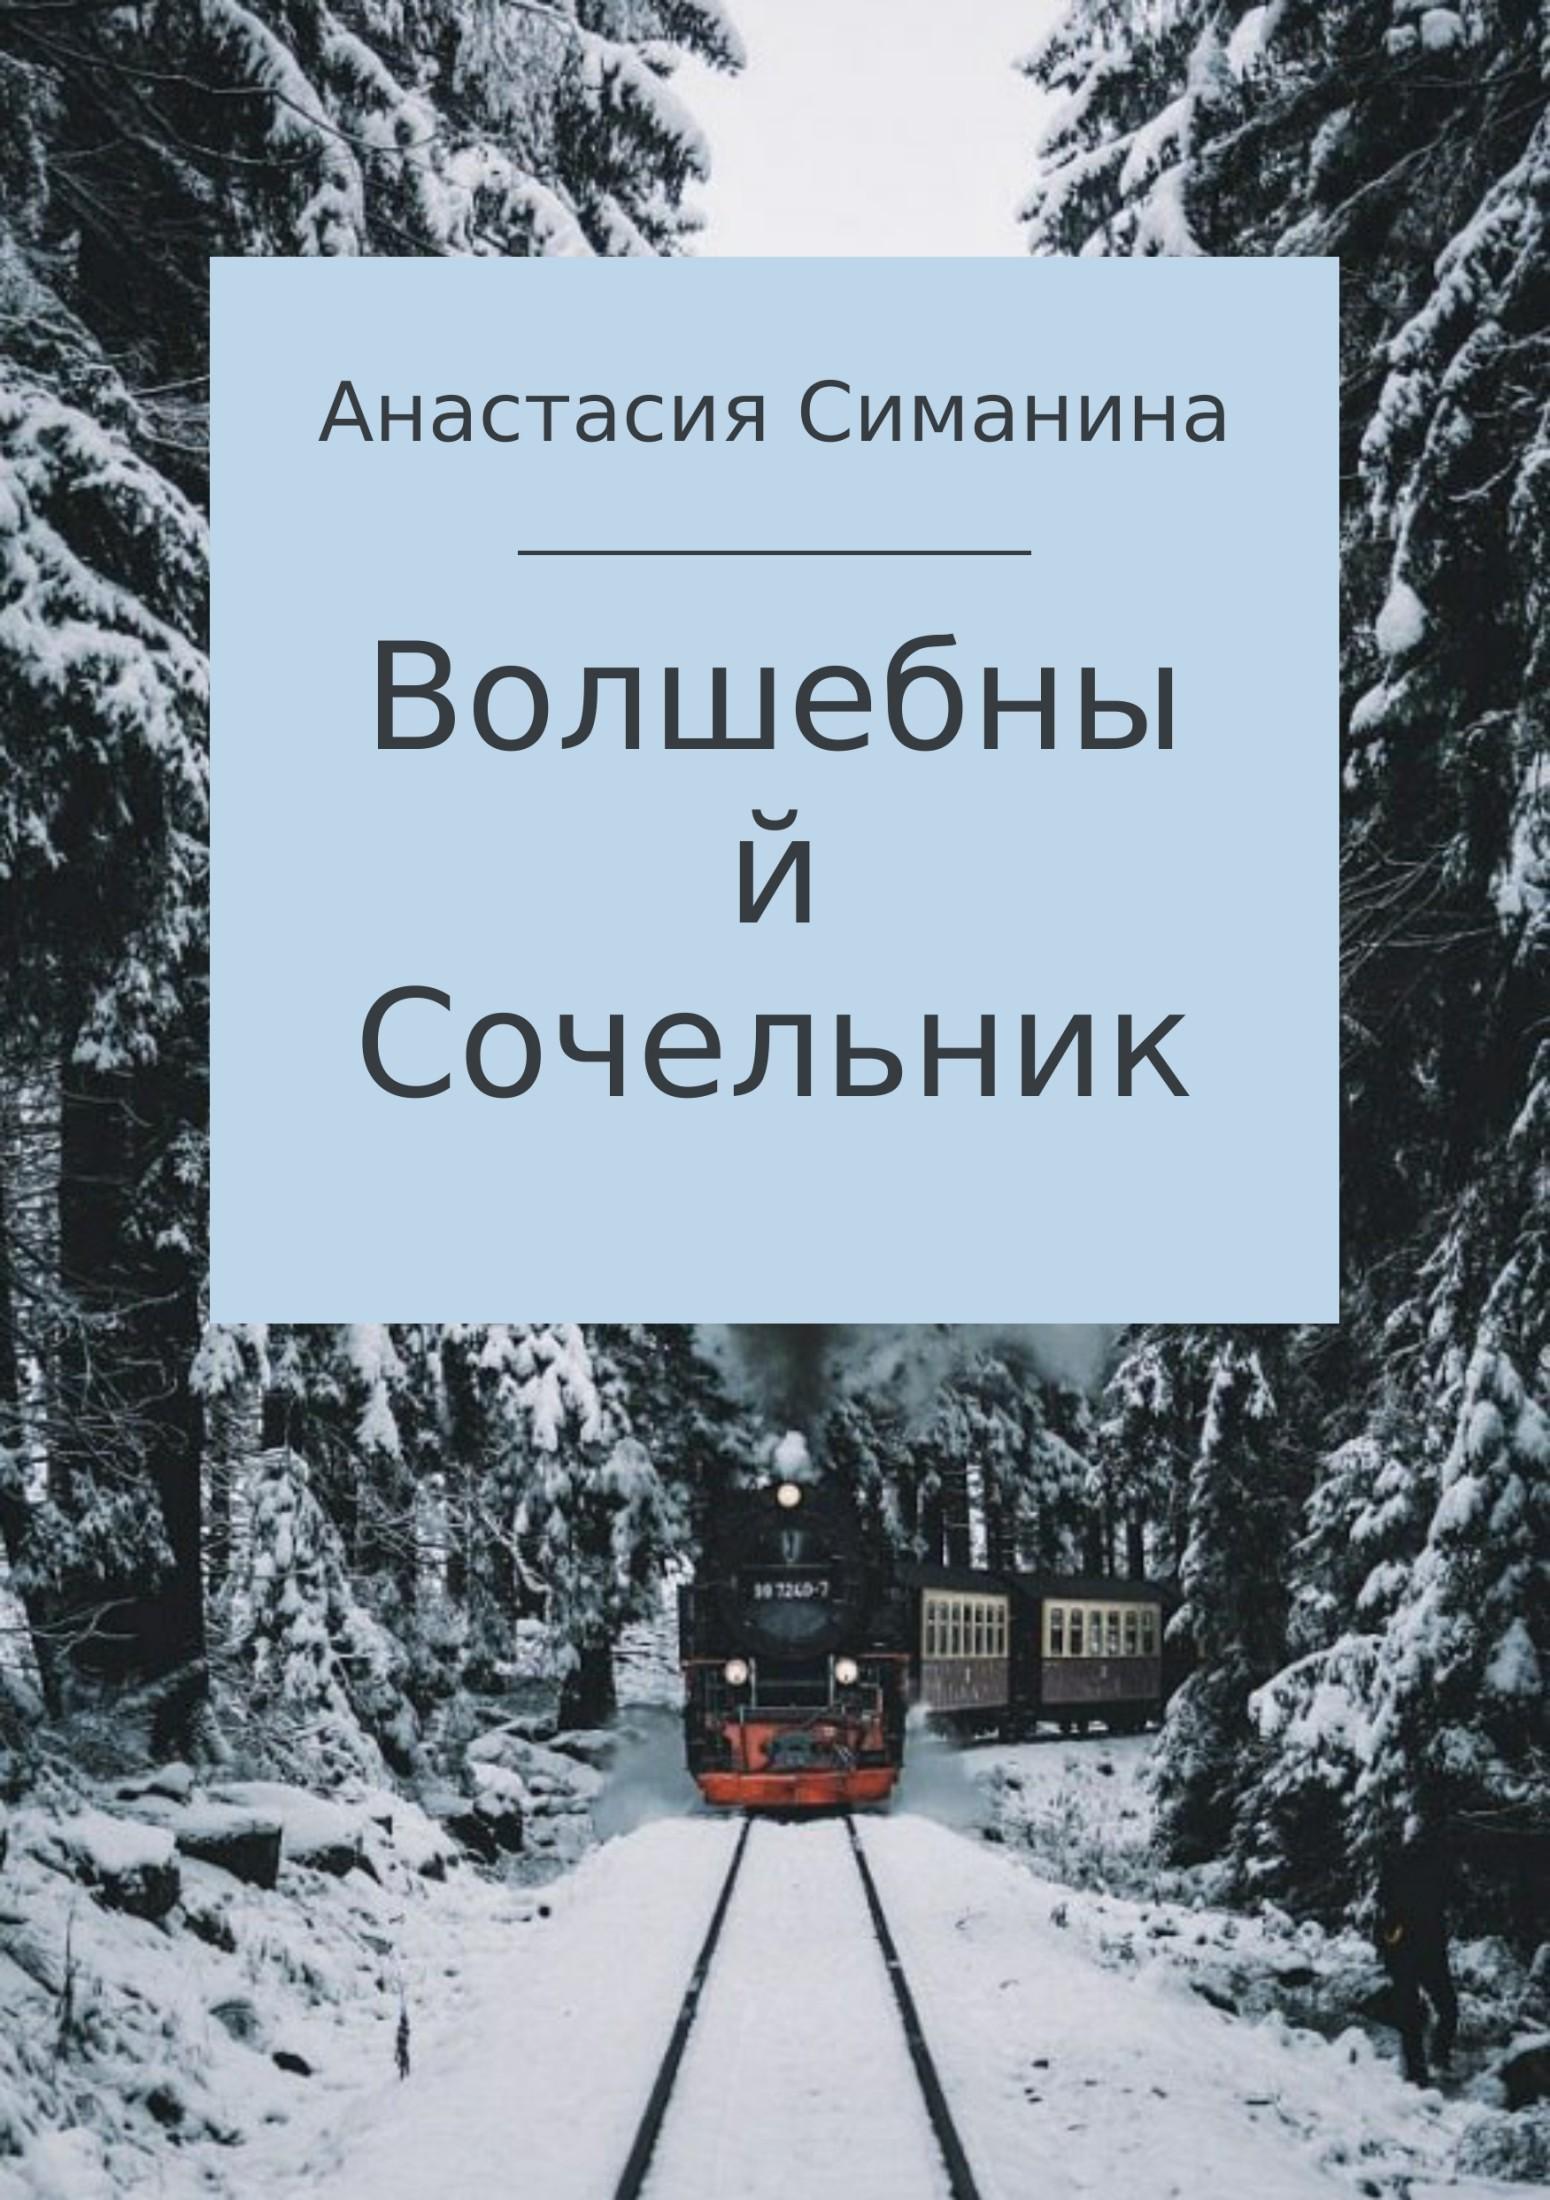 Анастасия Сергеевна Симанина Волшебный Сочельник камины электрические